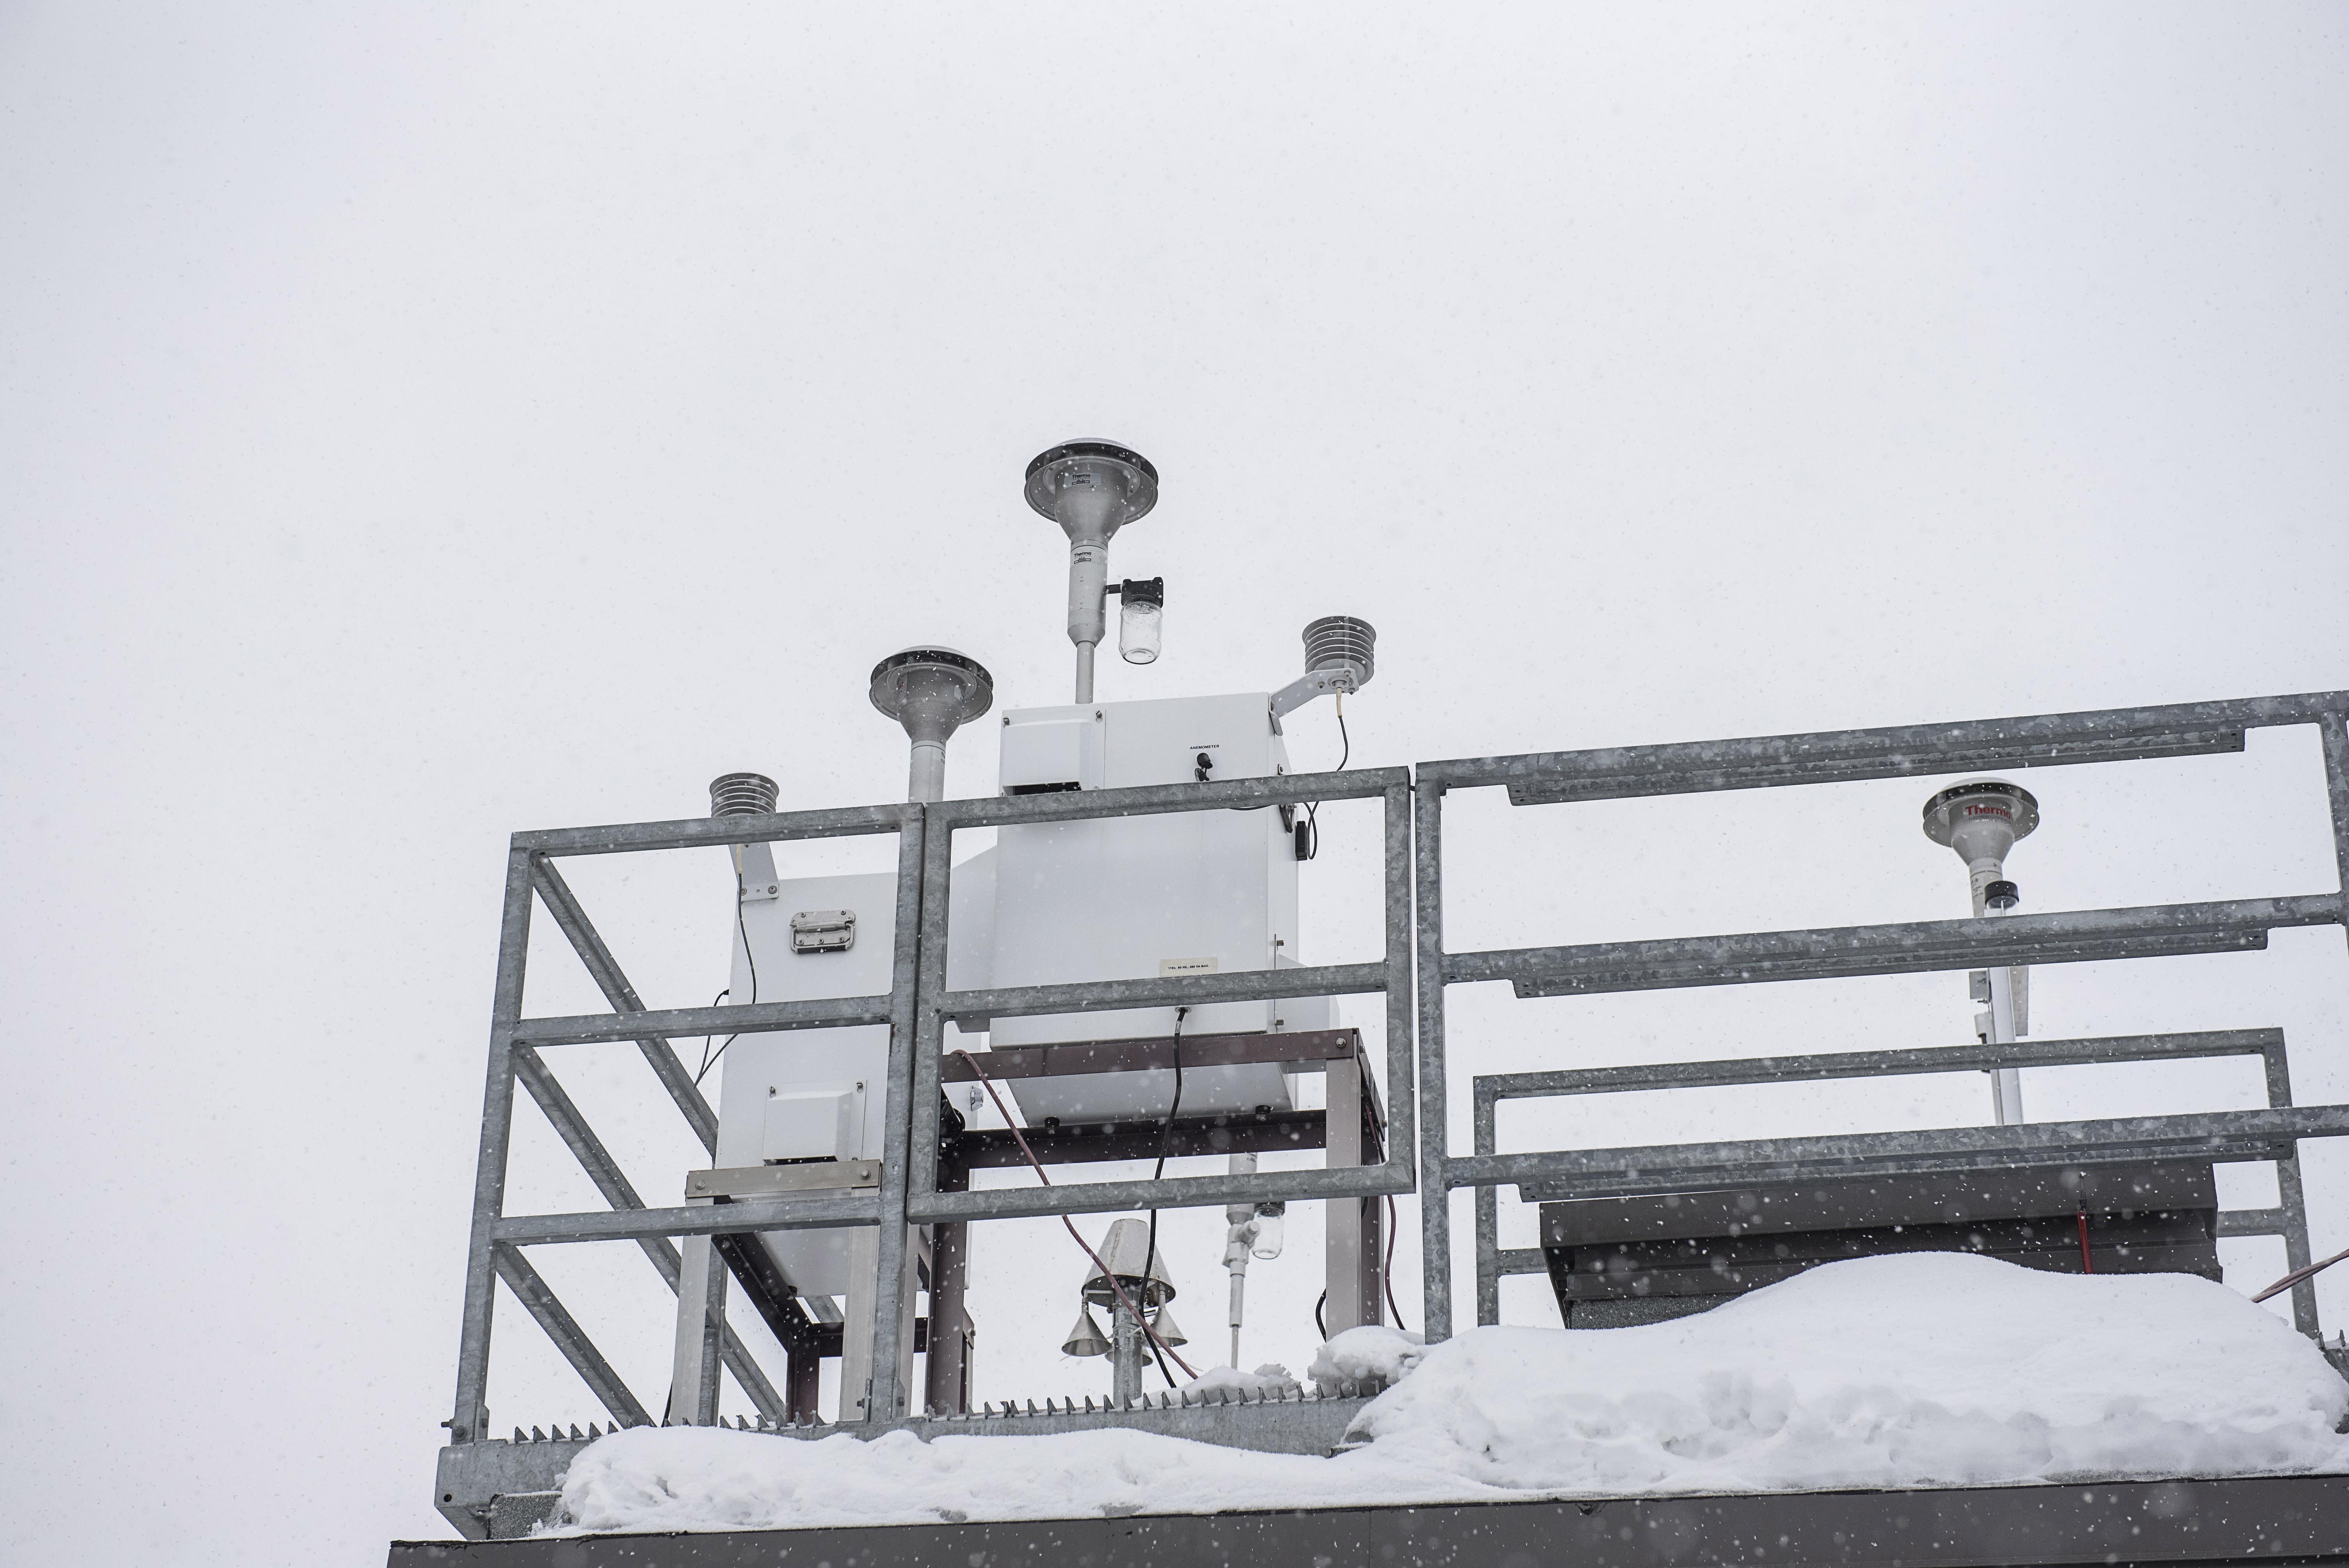 Préleveur partisol à la station de la qualité de l'air à Pointe-aux-Trembles